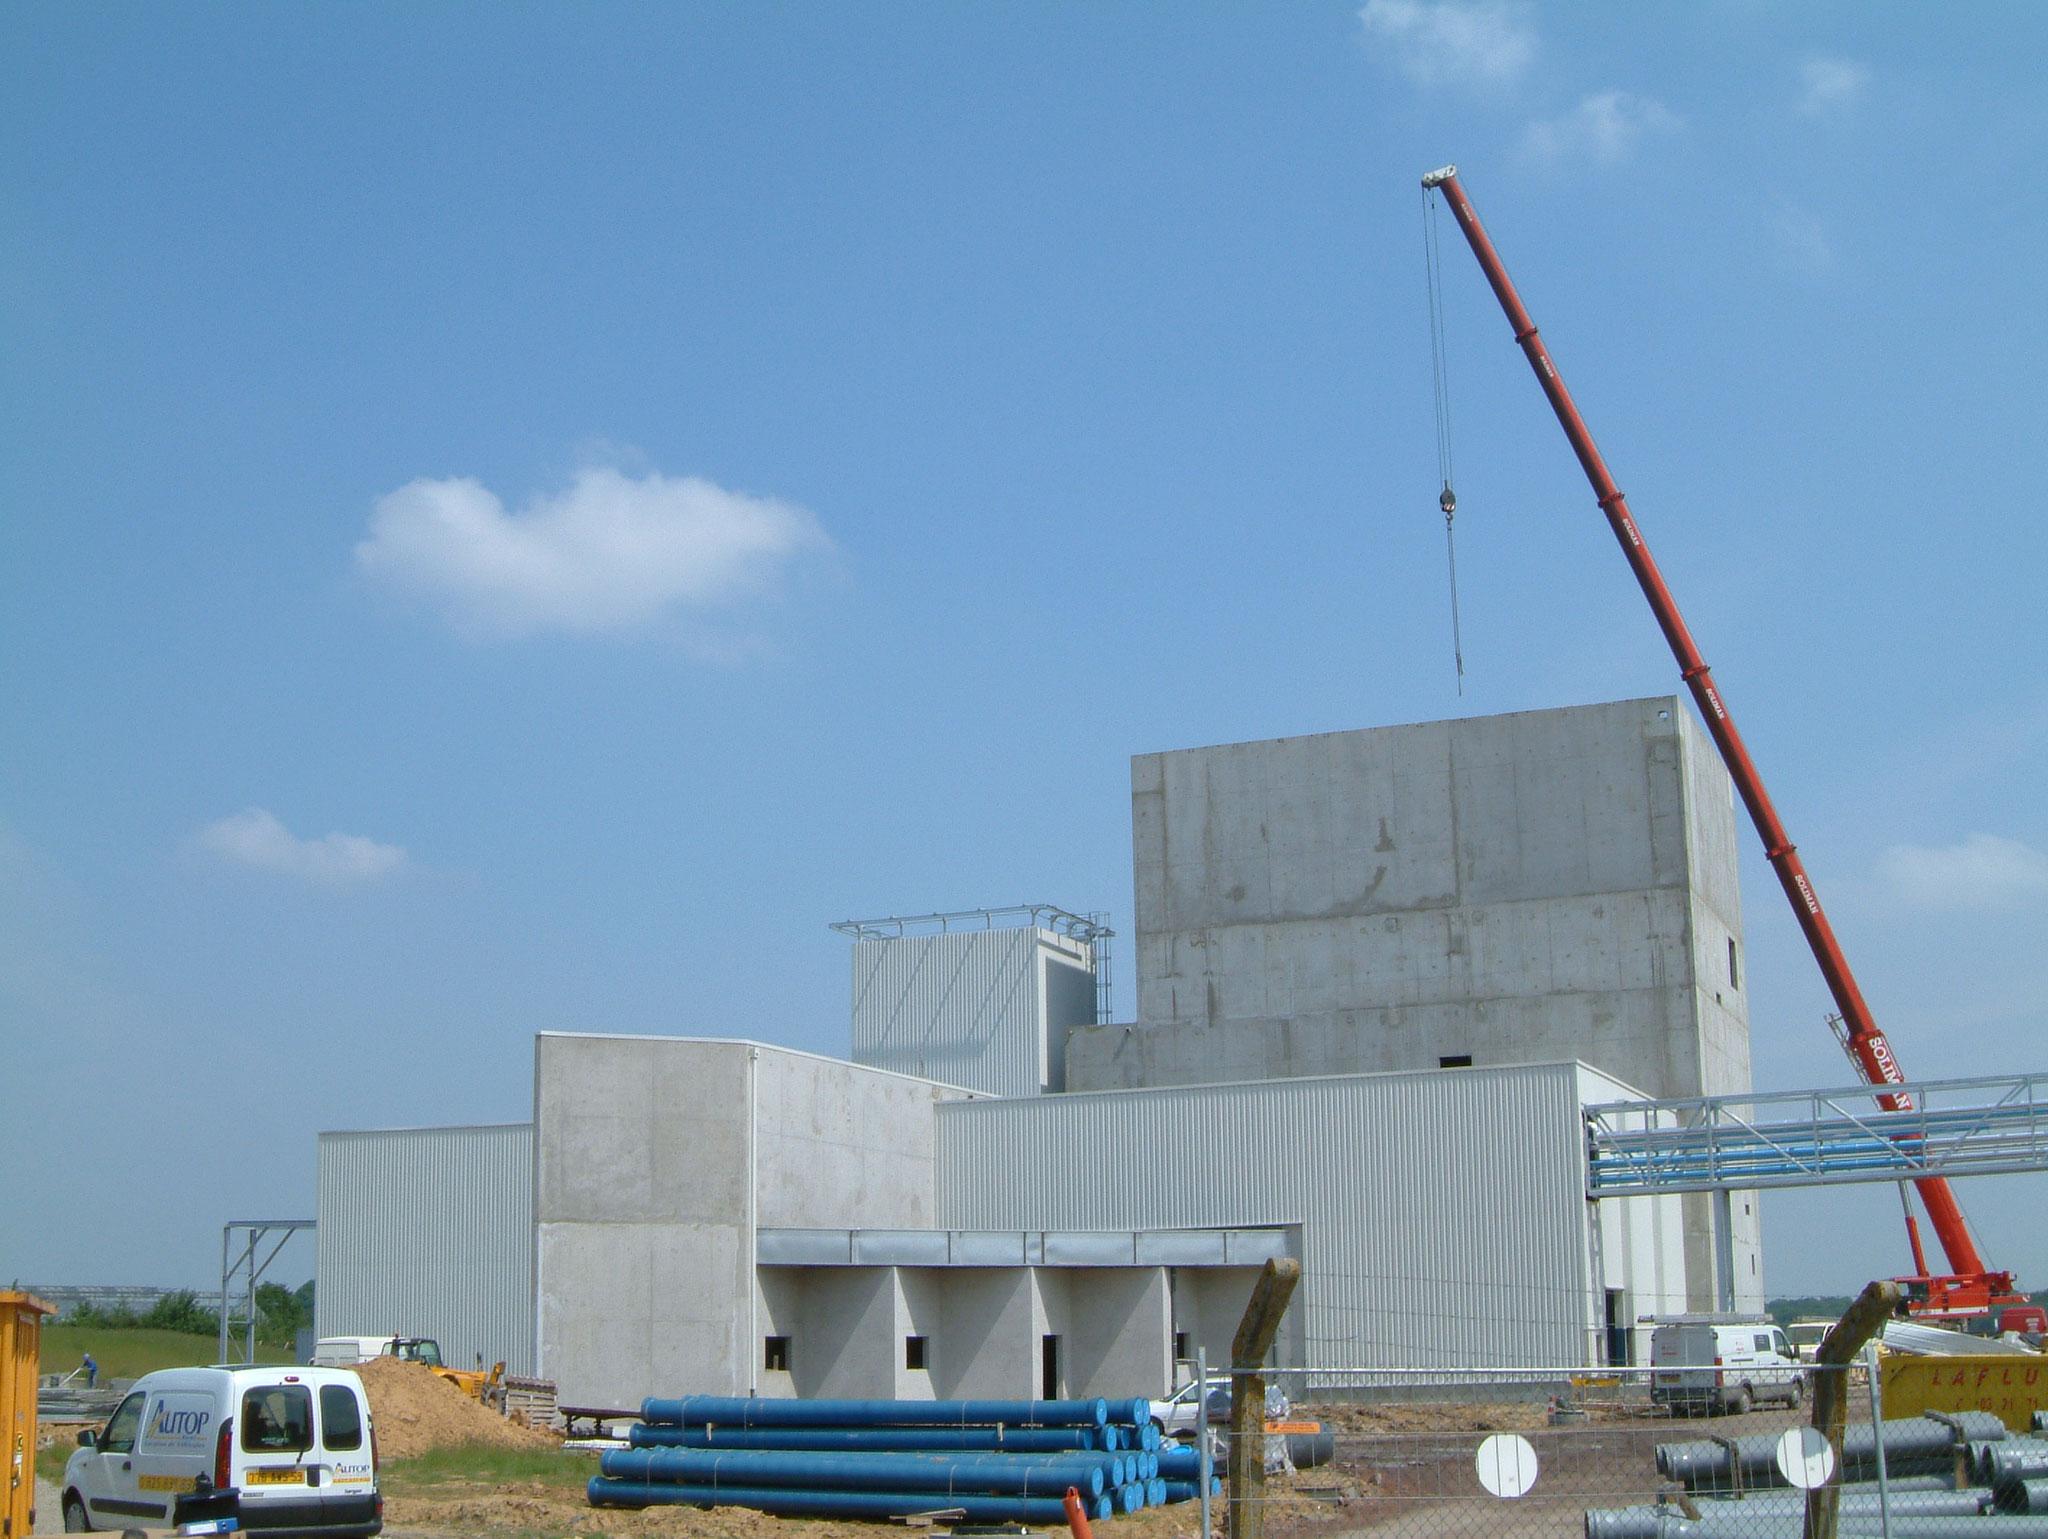 Unité de production site industriel à Saint-Pol-sur-Ternoise. Mission de Niveau 2.